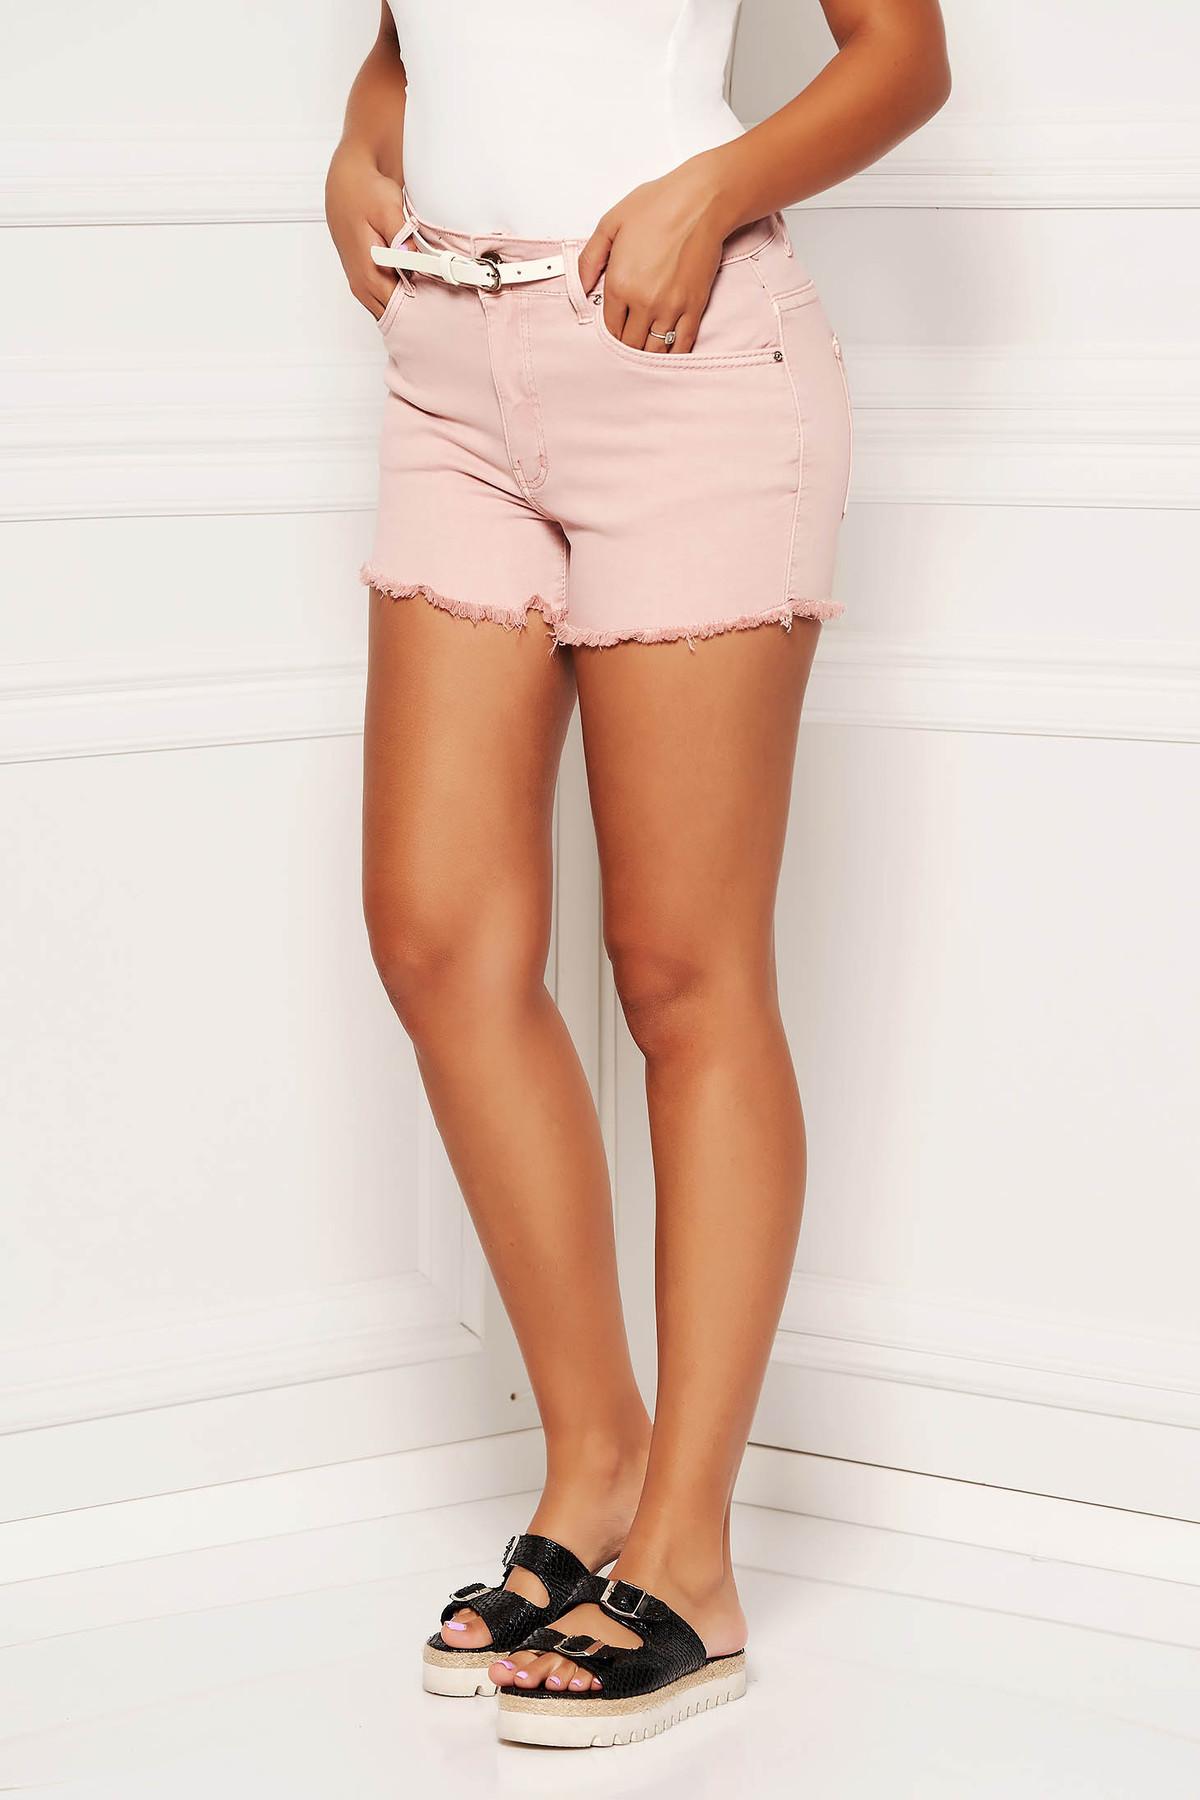 Pantalon scurt SunShine roz prafuit casual din denim cu talie medie cu accesoriu tip curea